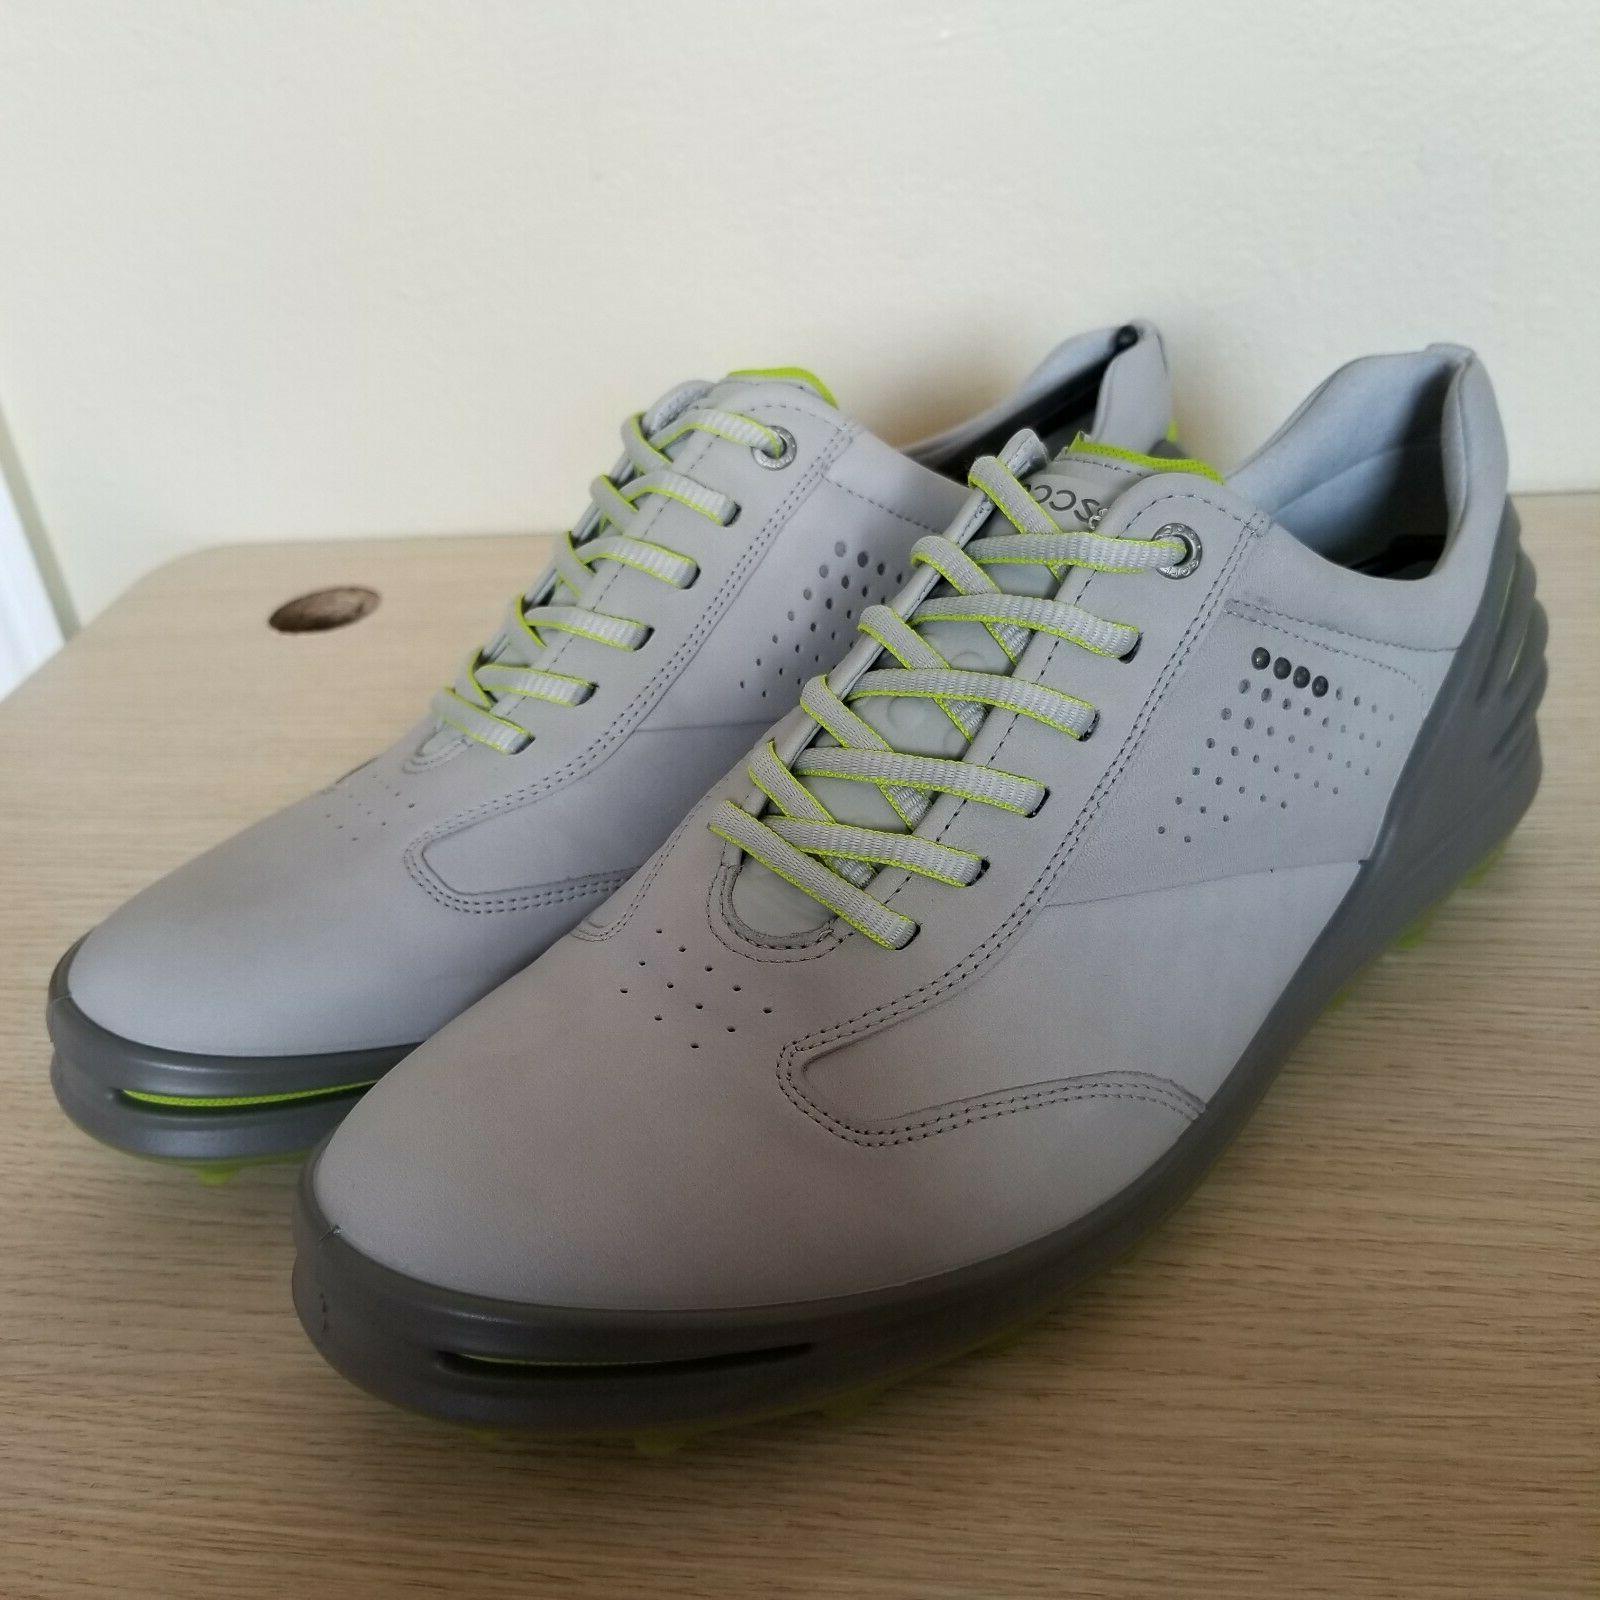 Spikeless shoes Gray Green SZ